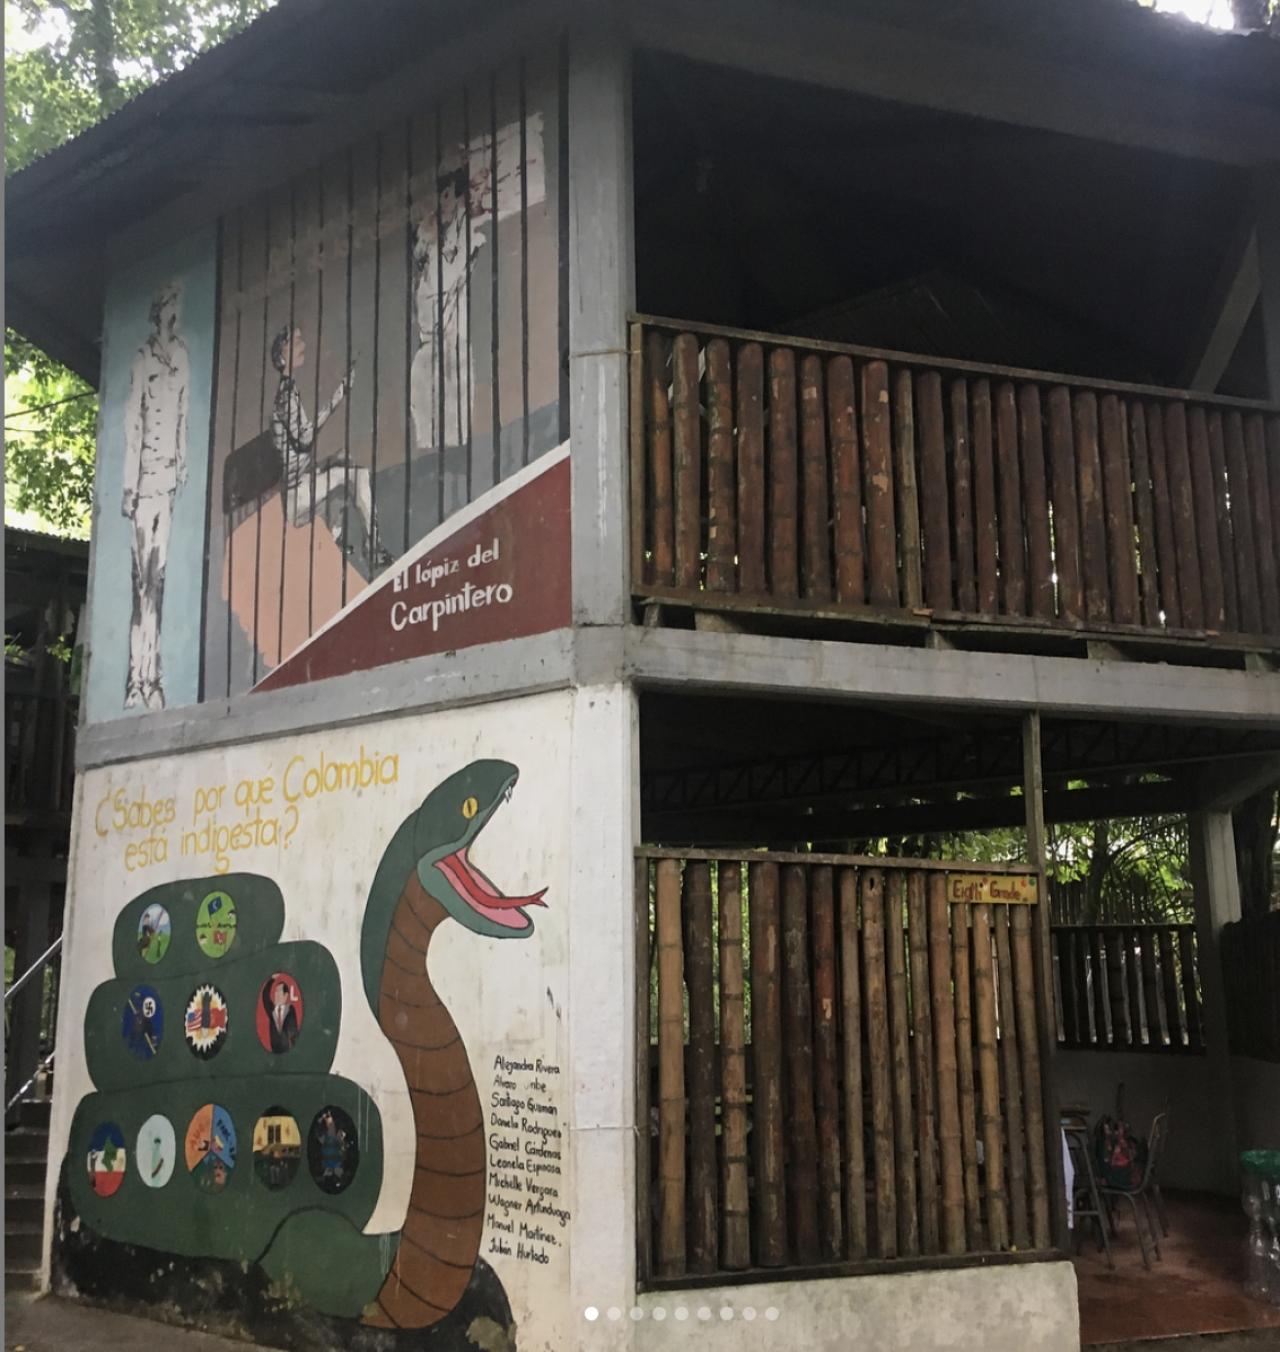 El reto de los colegios en Colombia: construir memoria y conciencia colectiva sobre el conflicto armado